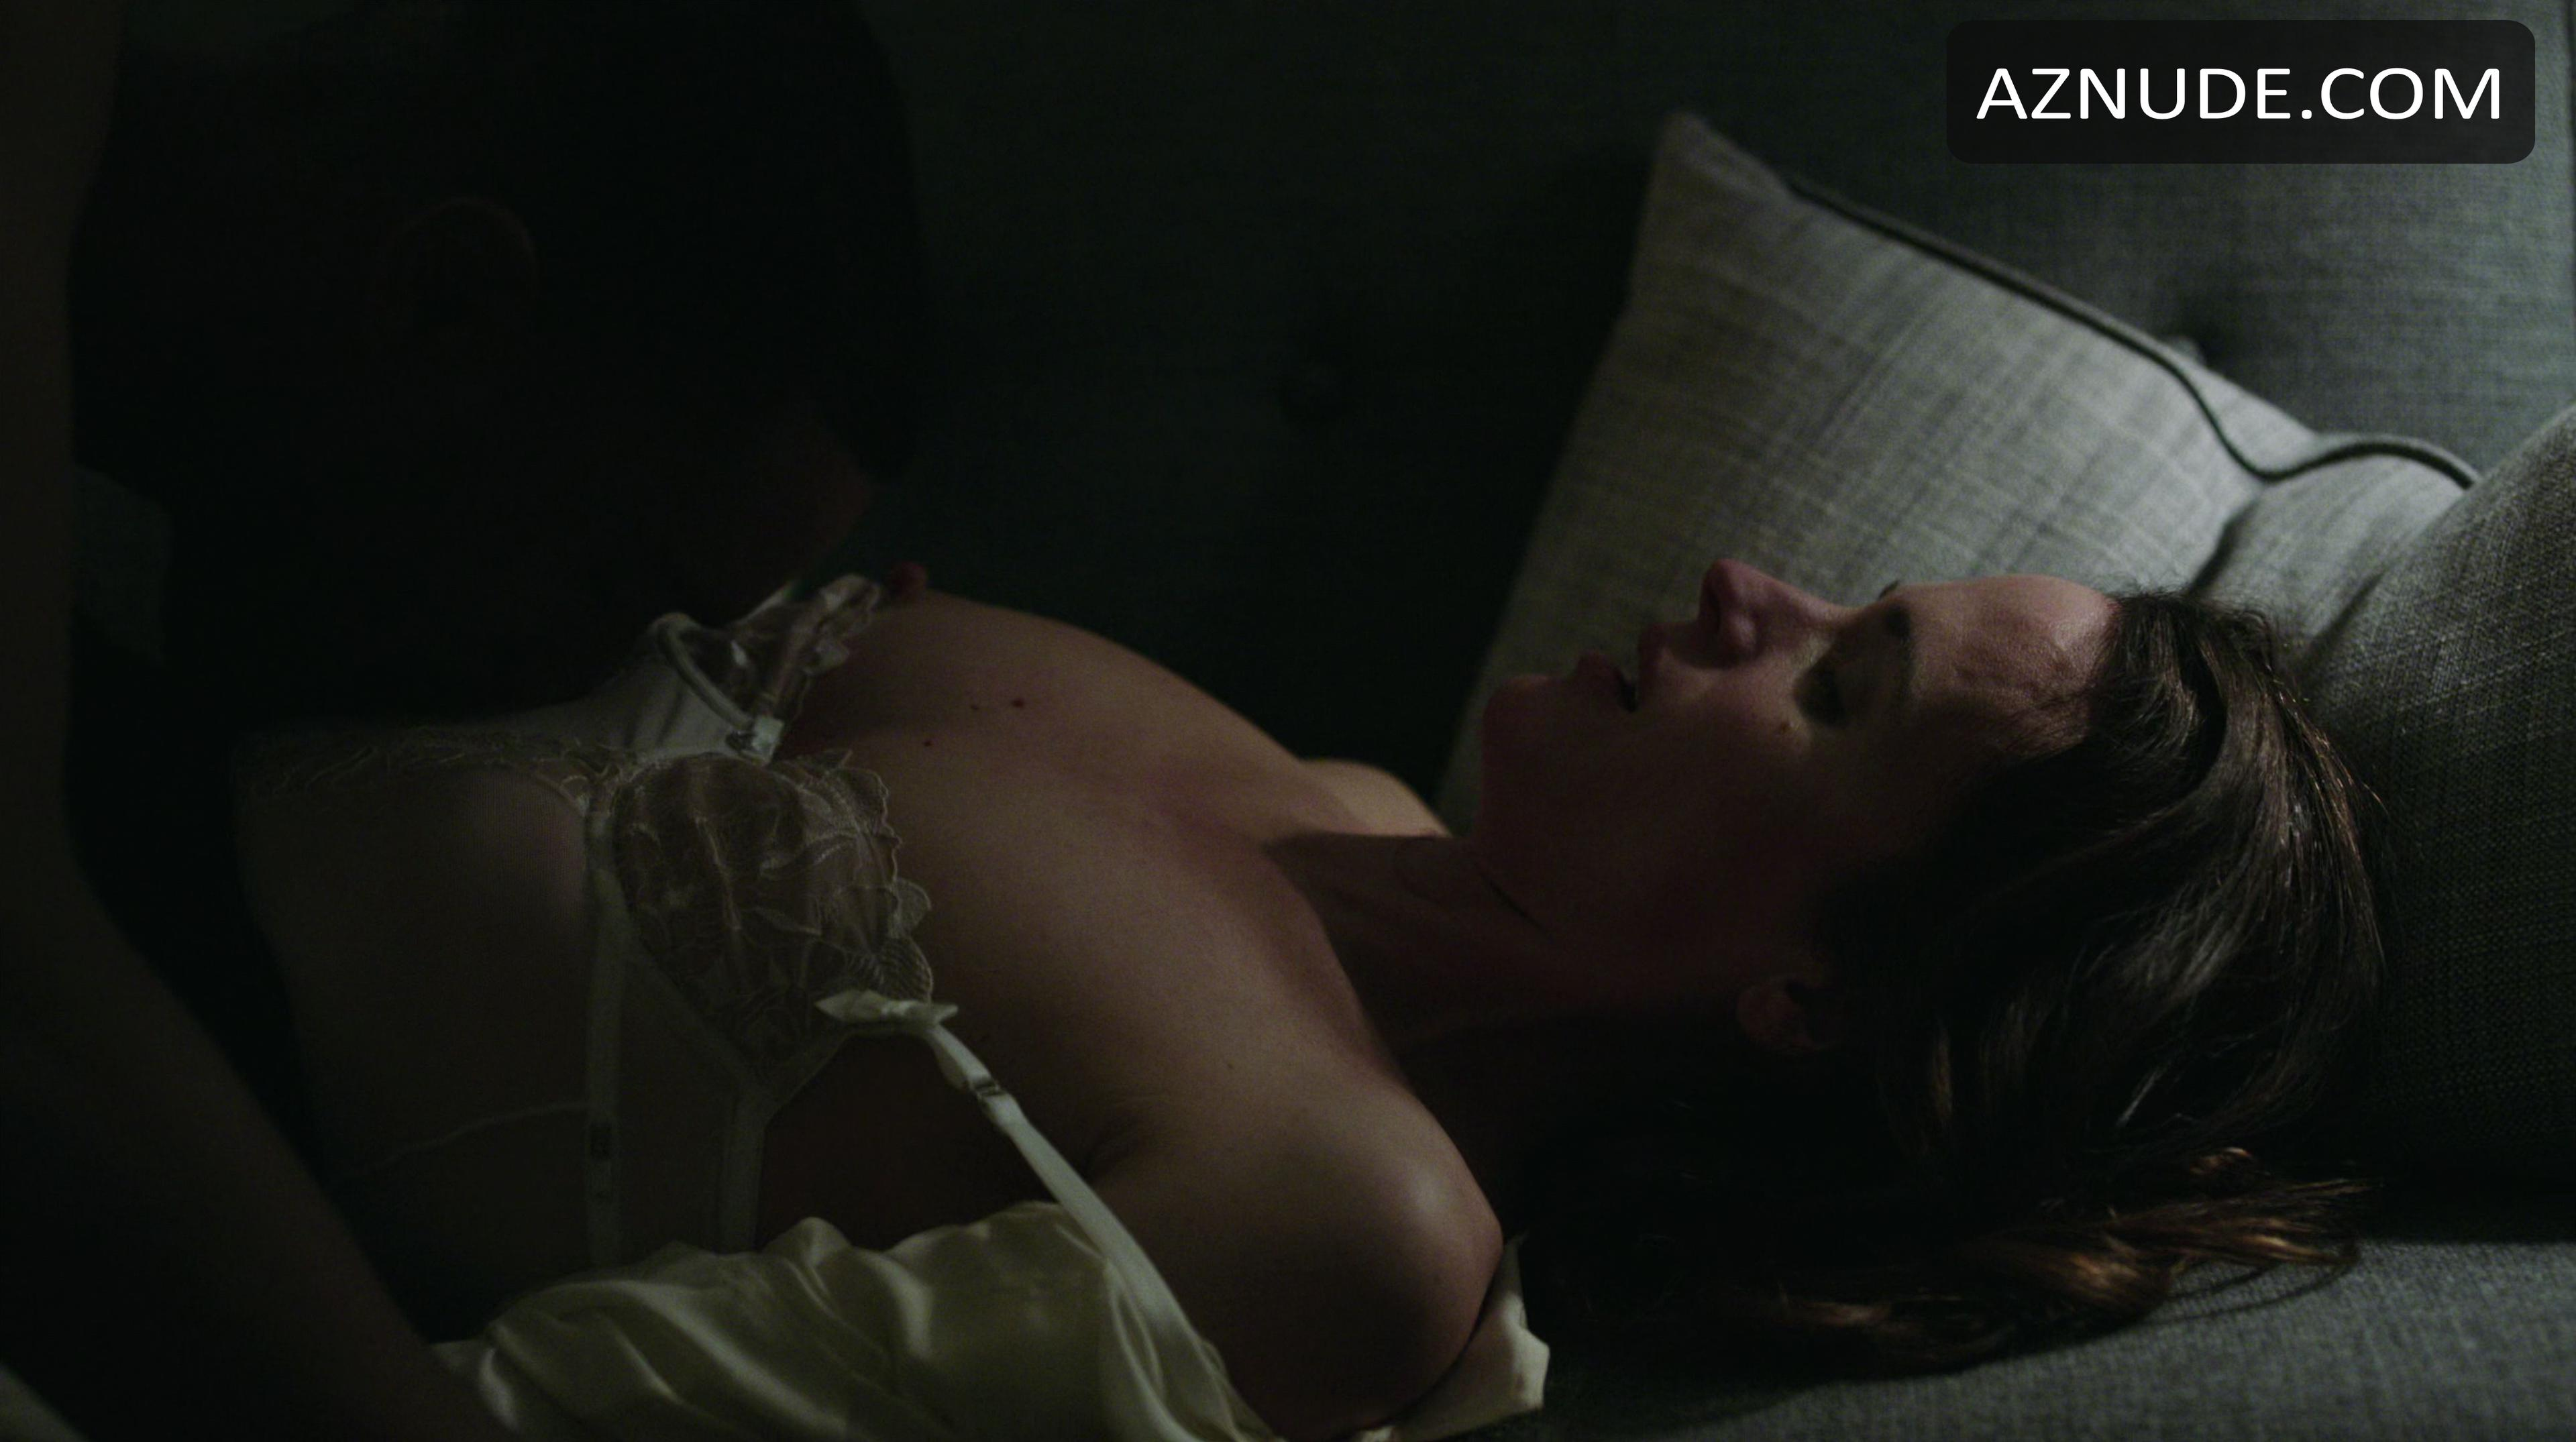 naked images of elizabeth reaser